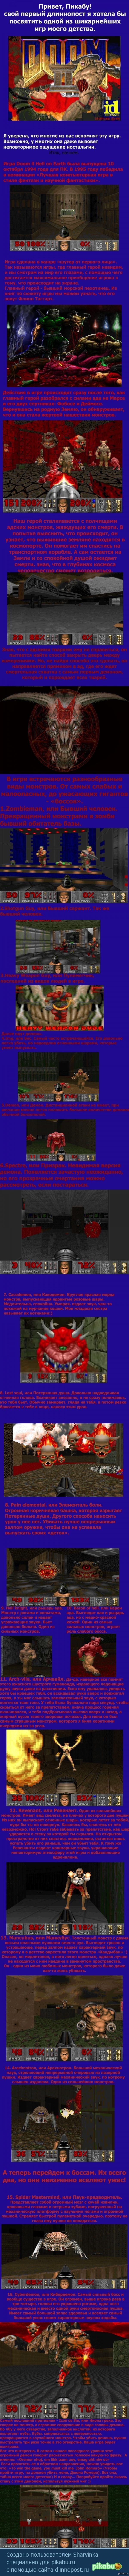 Длиннопост, посвященный игре DOOM II Hell On Earth  мой первый очень кривой длиннопост.